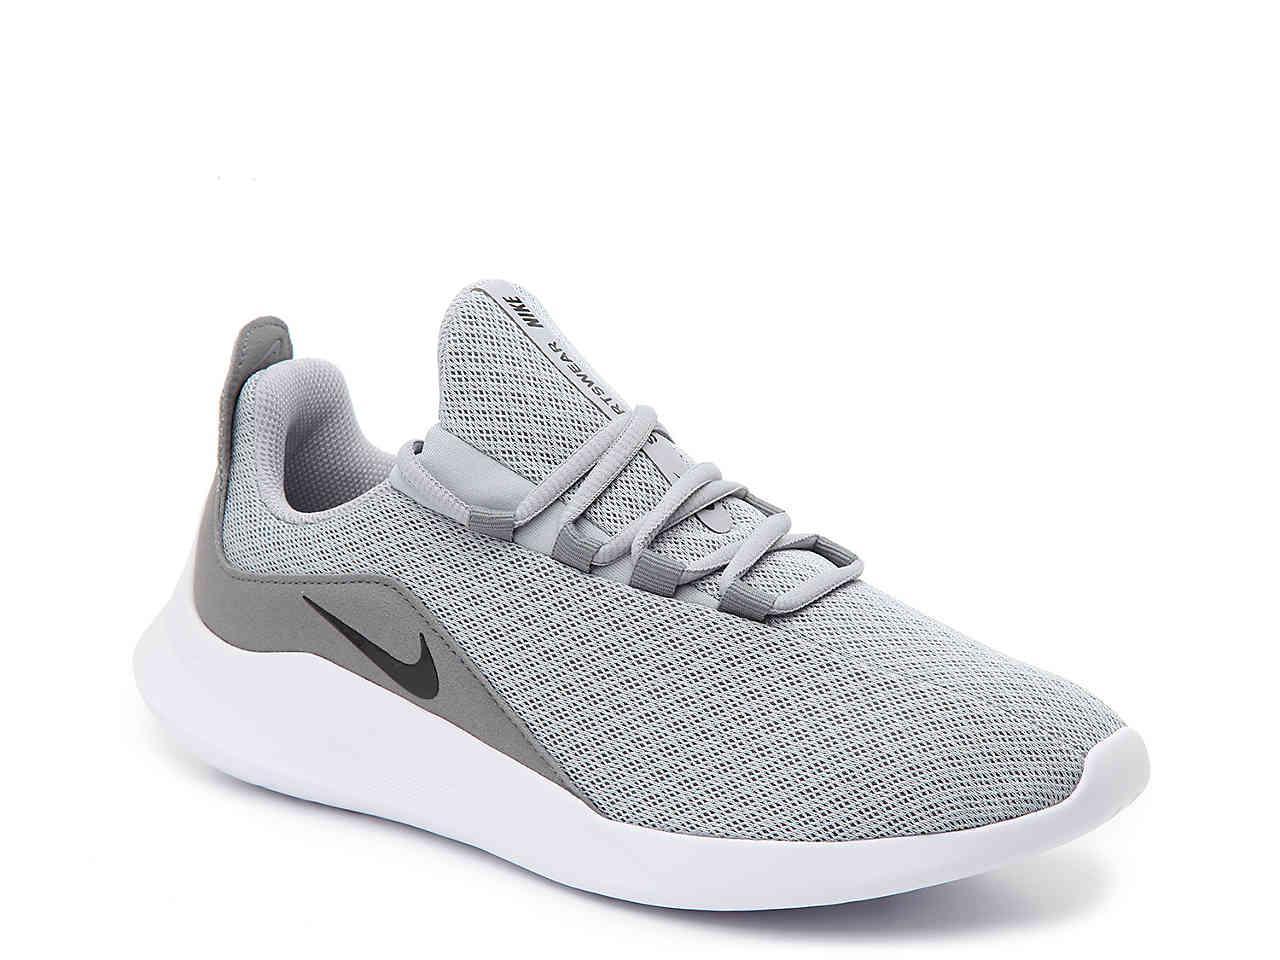 Lyst - Nike Viale Sneaker in Gray for Men 5a5a1e014